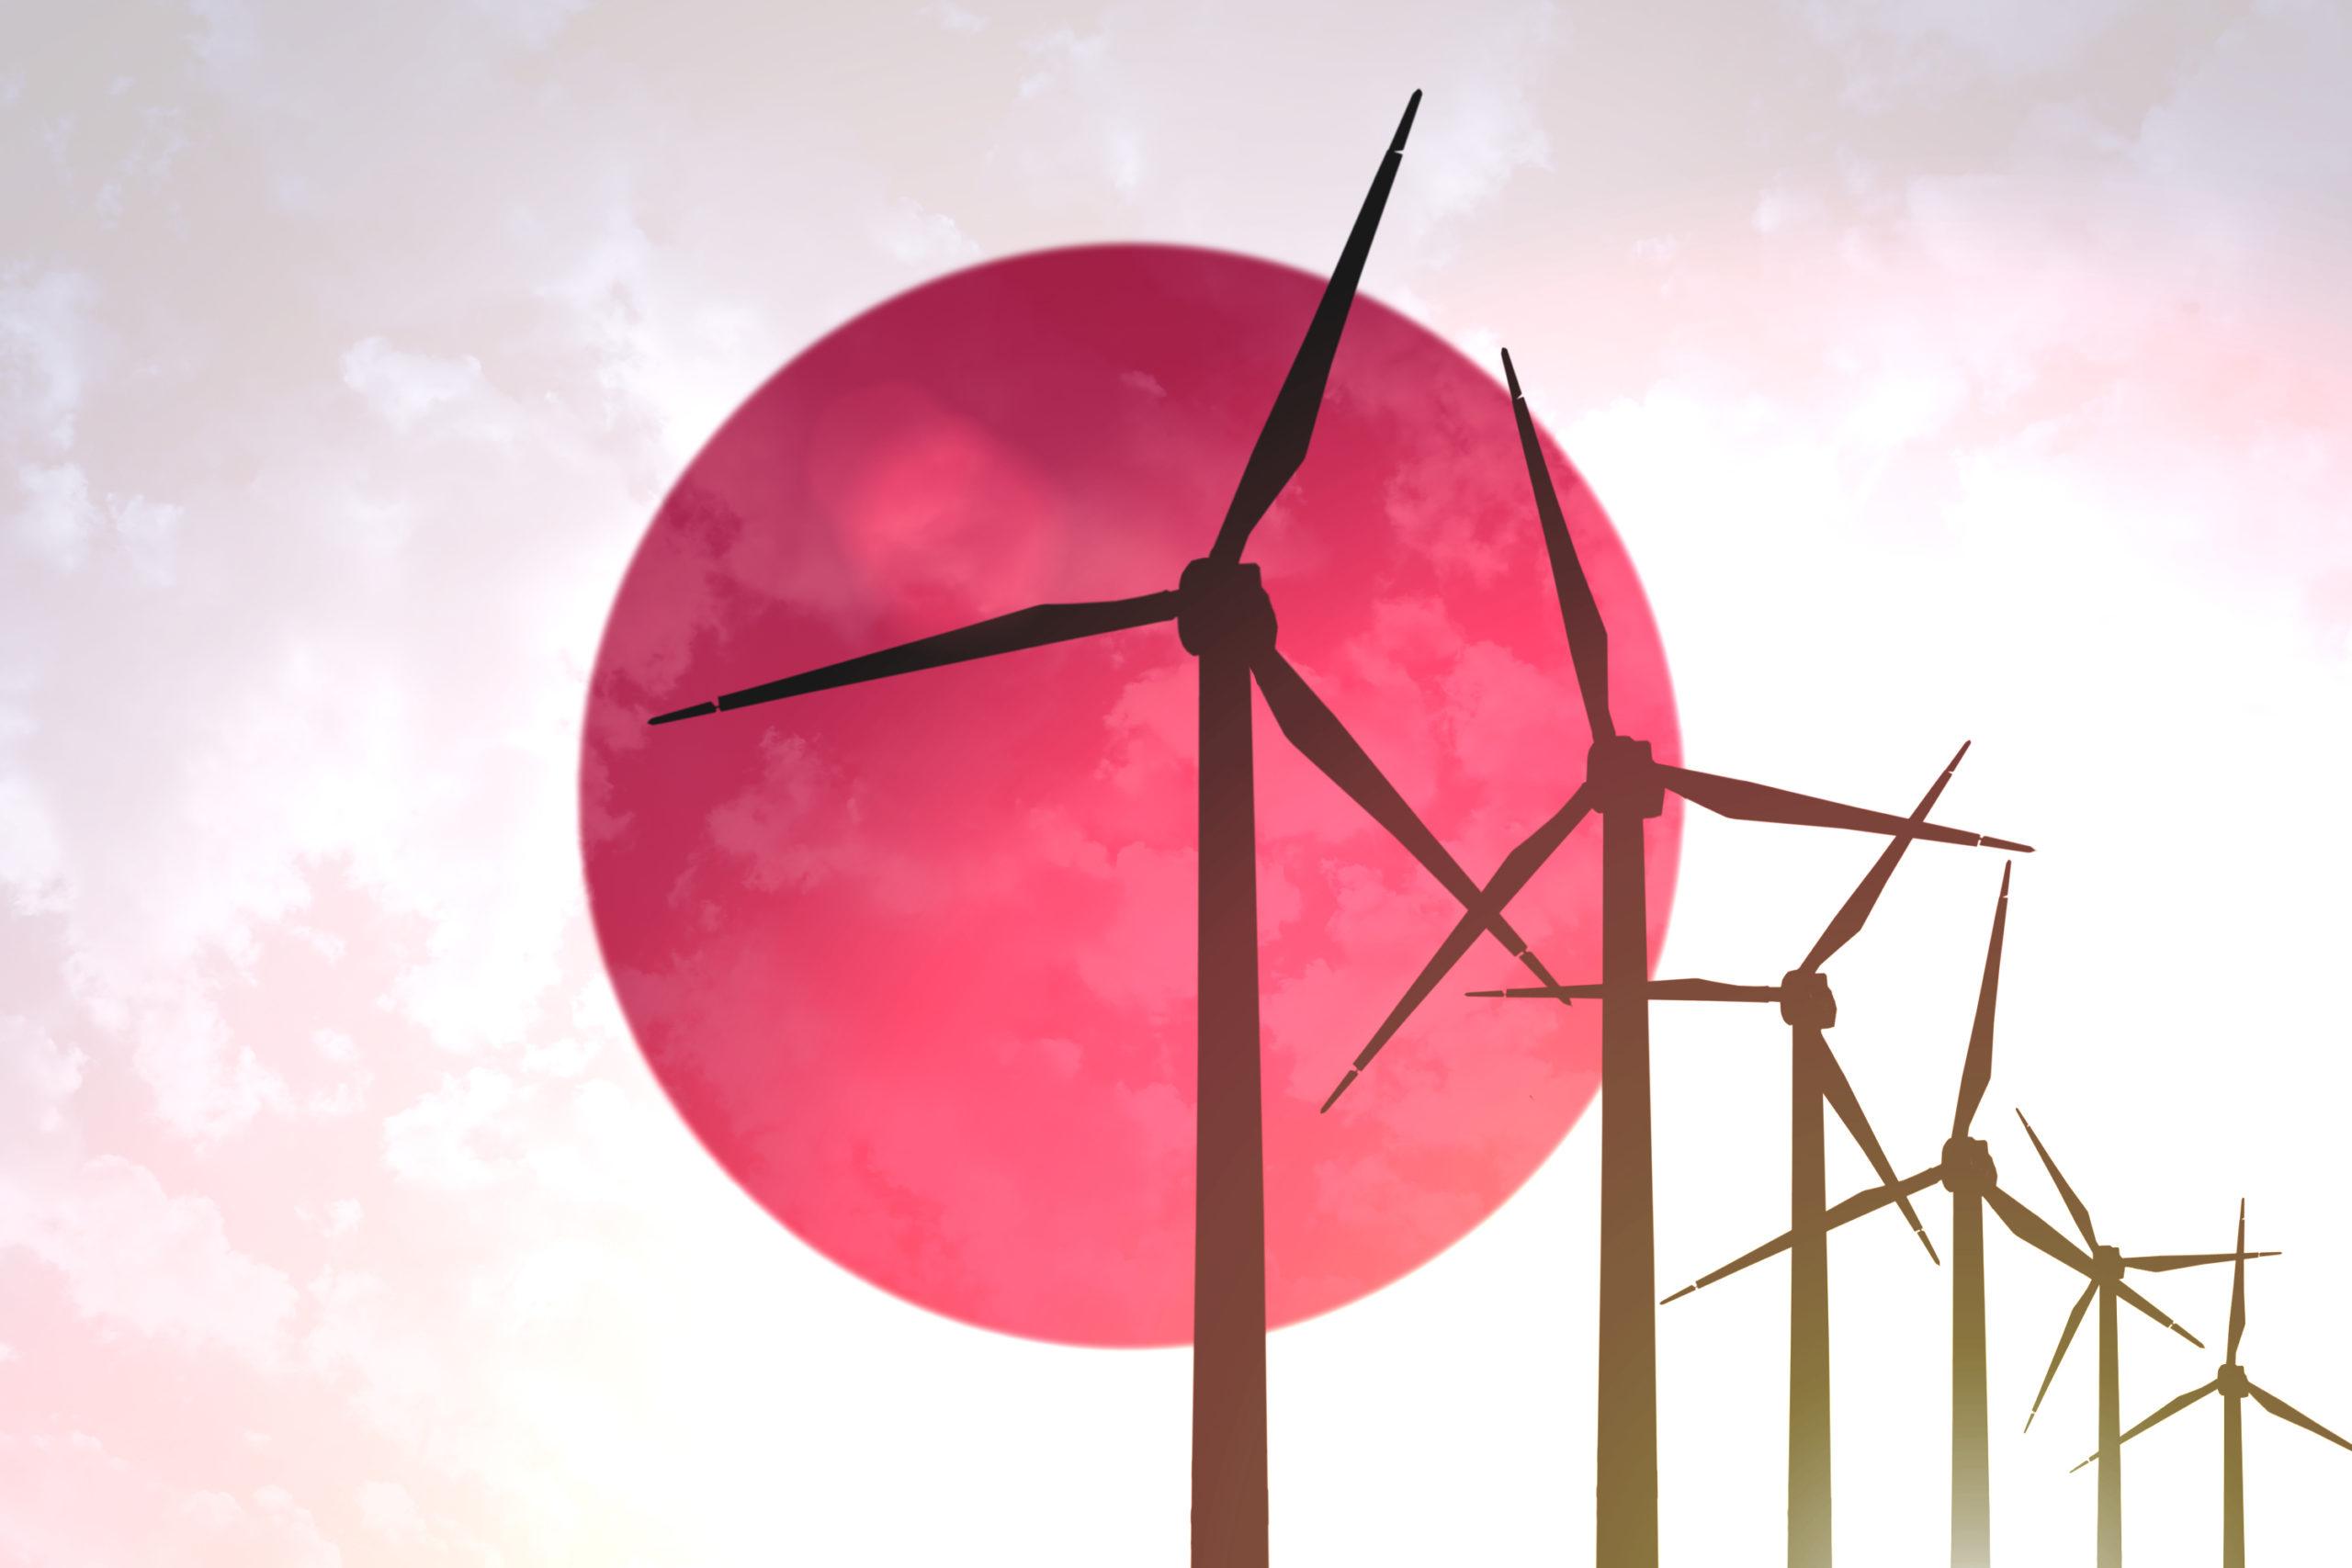 Japón invertirá 100 mil millones de dólares en energía eólica